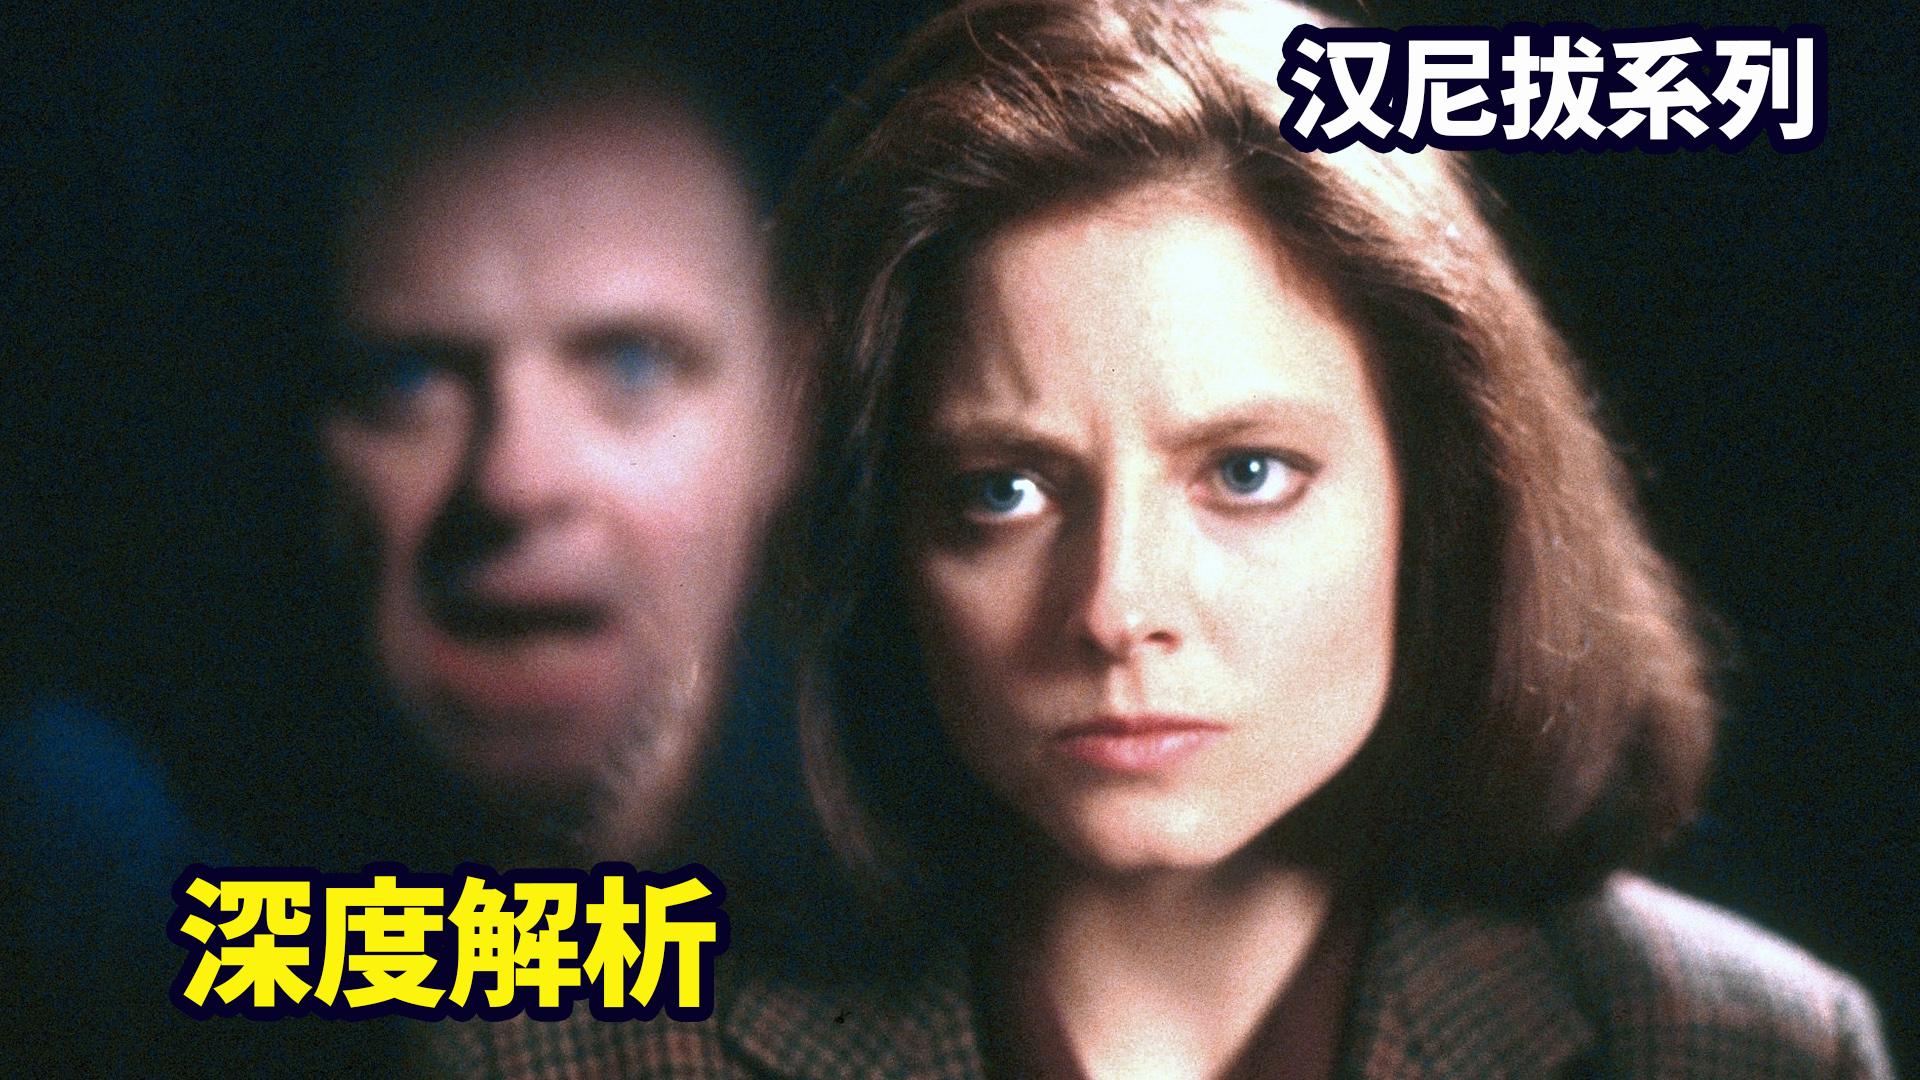 万字解析《沉默的羔羊》,这部奥斯卡第一恐怖片,你看懂了多少?|汉尼拔系列01